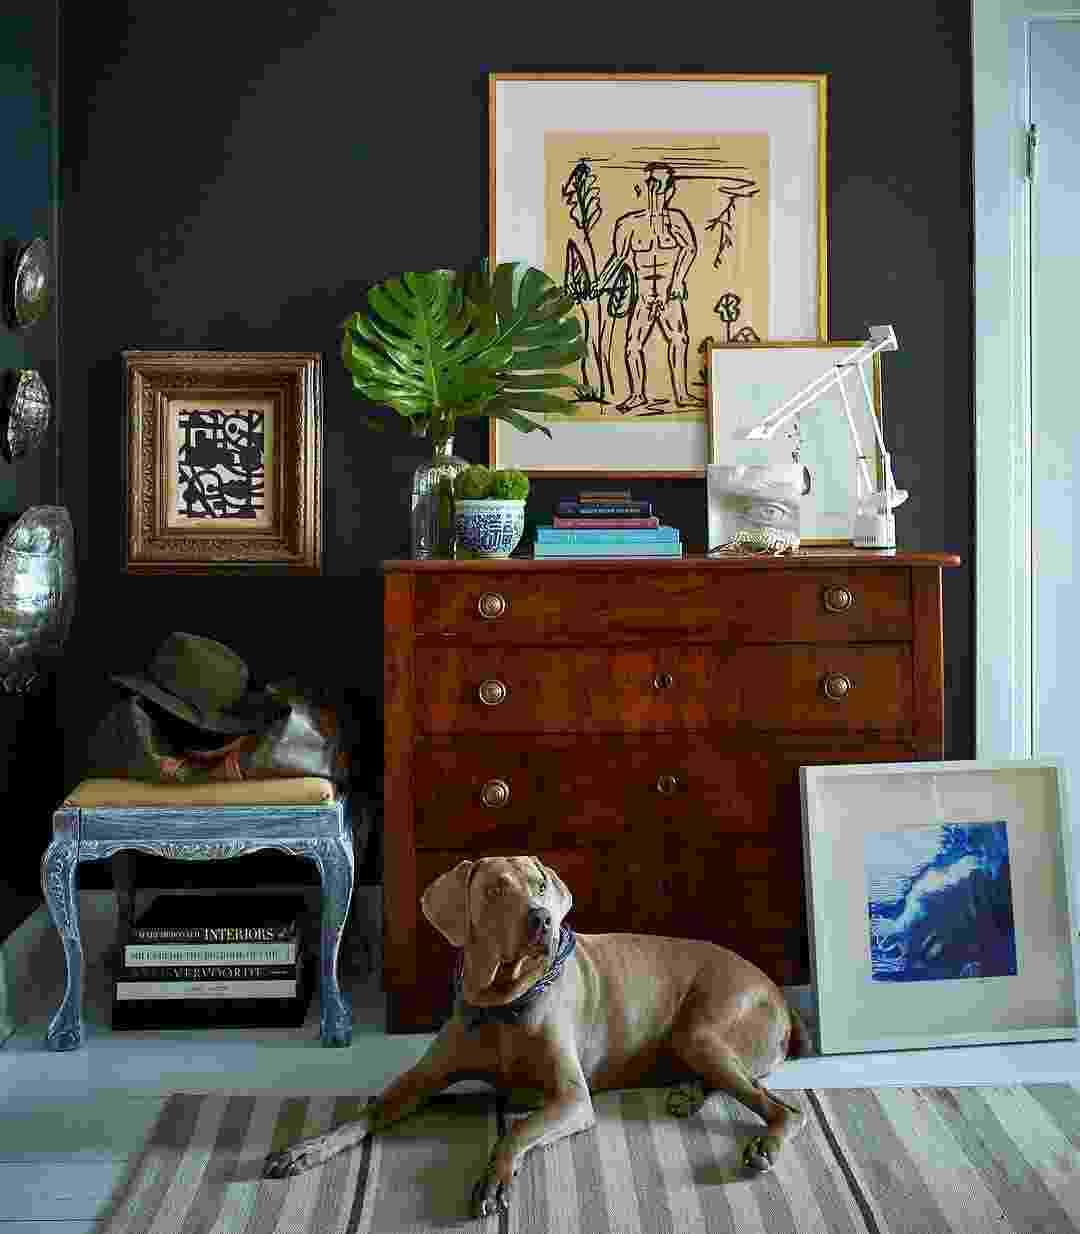 """O weimaraner Baylor é quase uma """"marca registrada"""" na fotos dos ambientes da casa do designer William McLure. Ele é tão classudo que deixa a sala ainda mais bonita - Instagram/@william_mclure"""